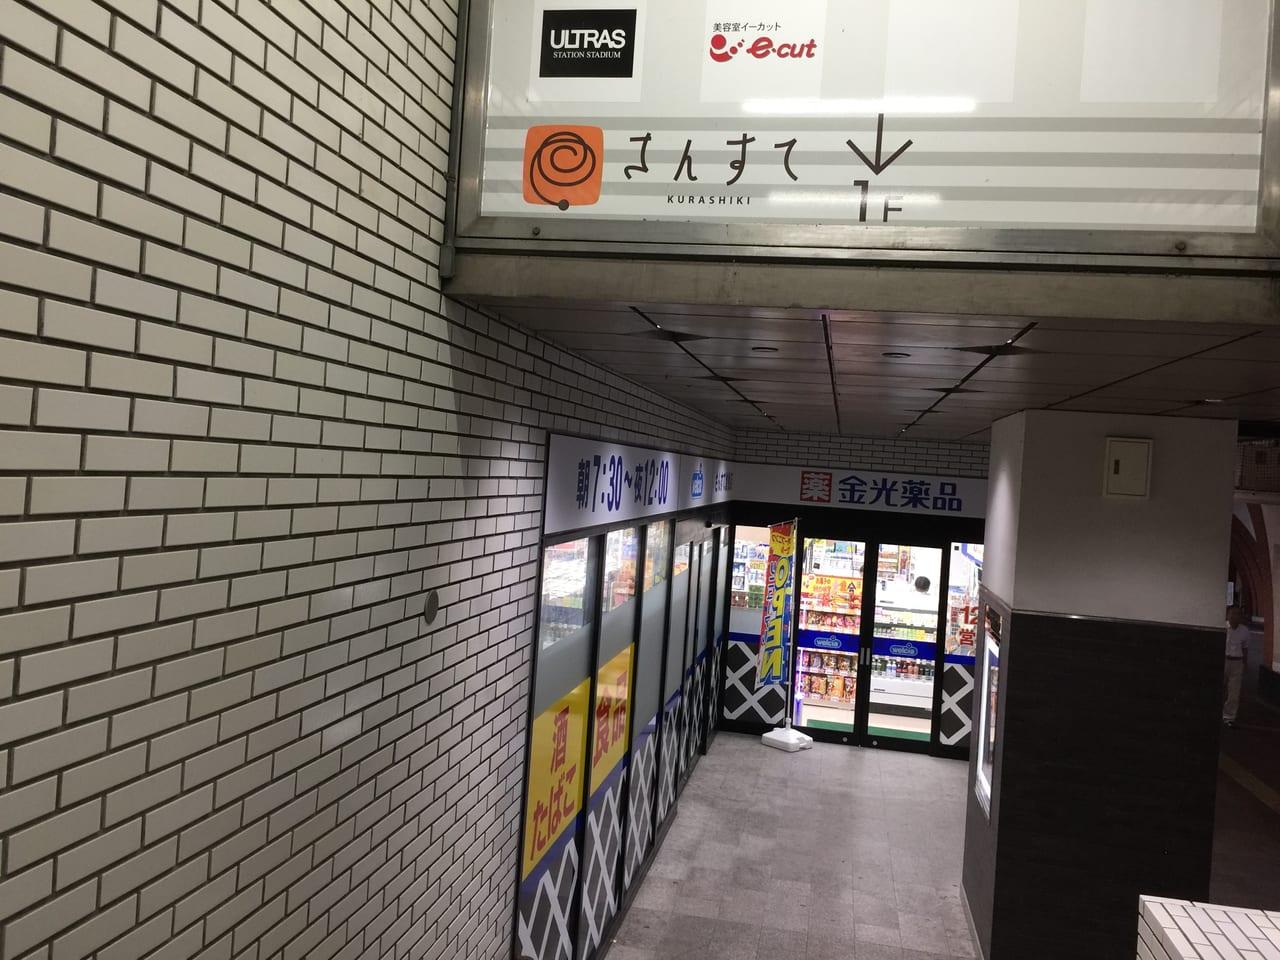 駅 倉敷 駅 金光 から